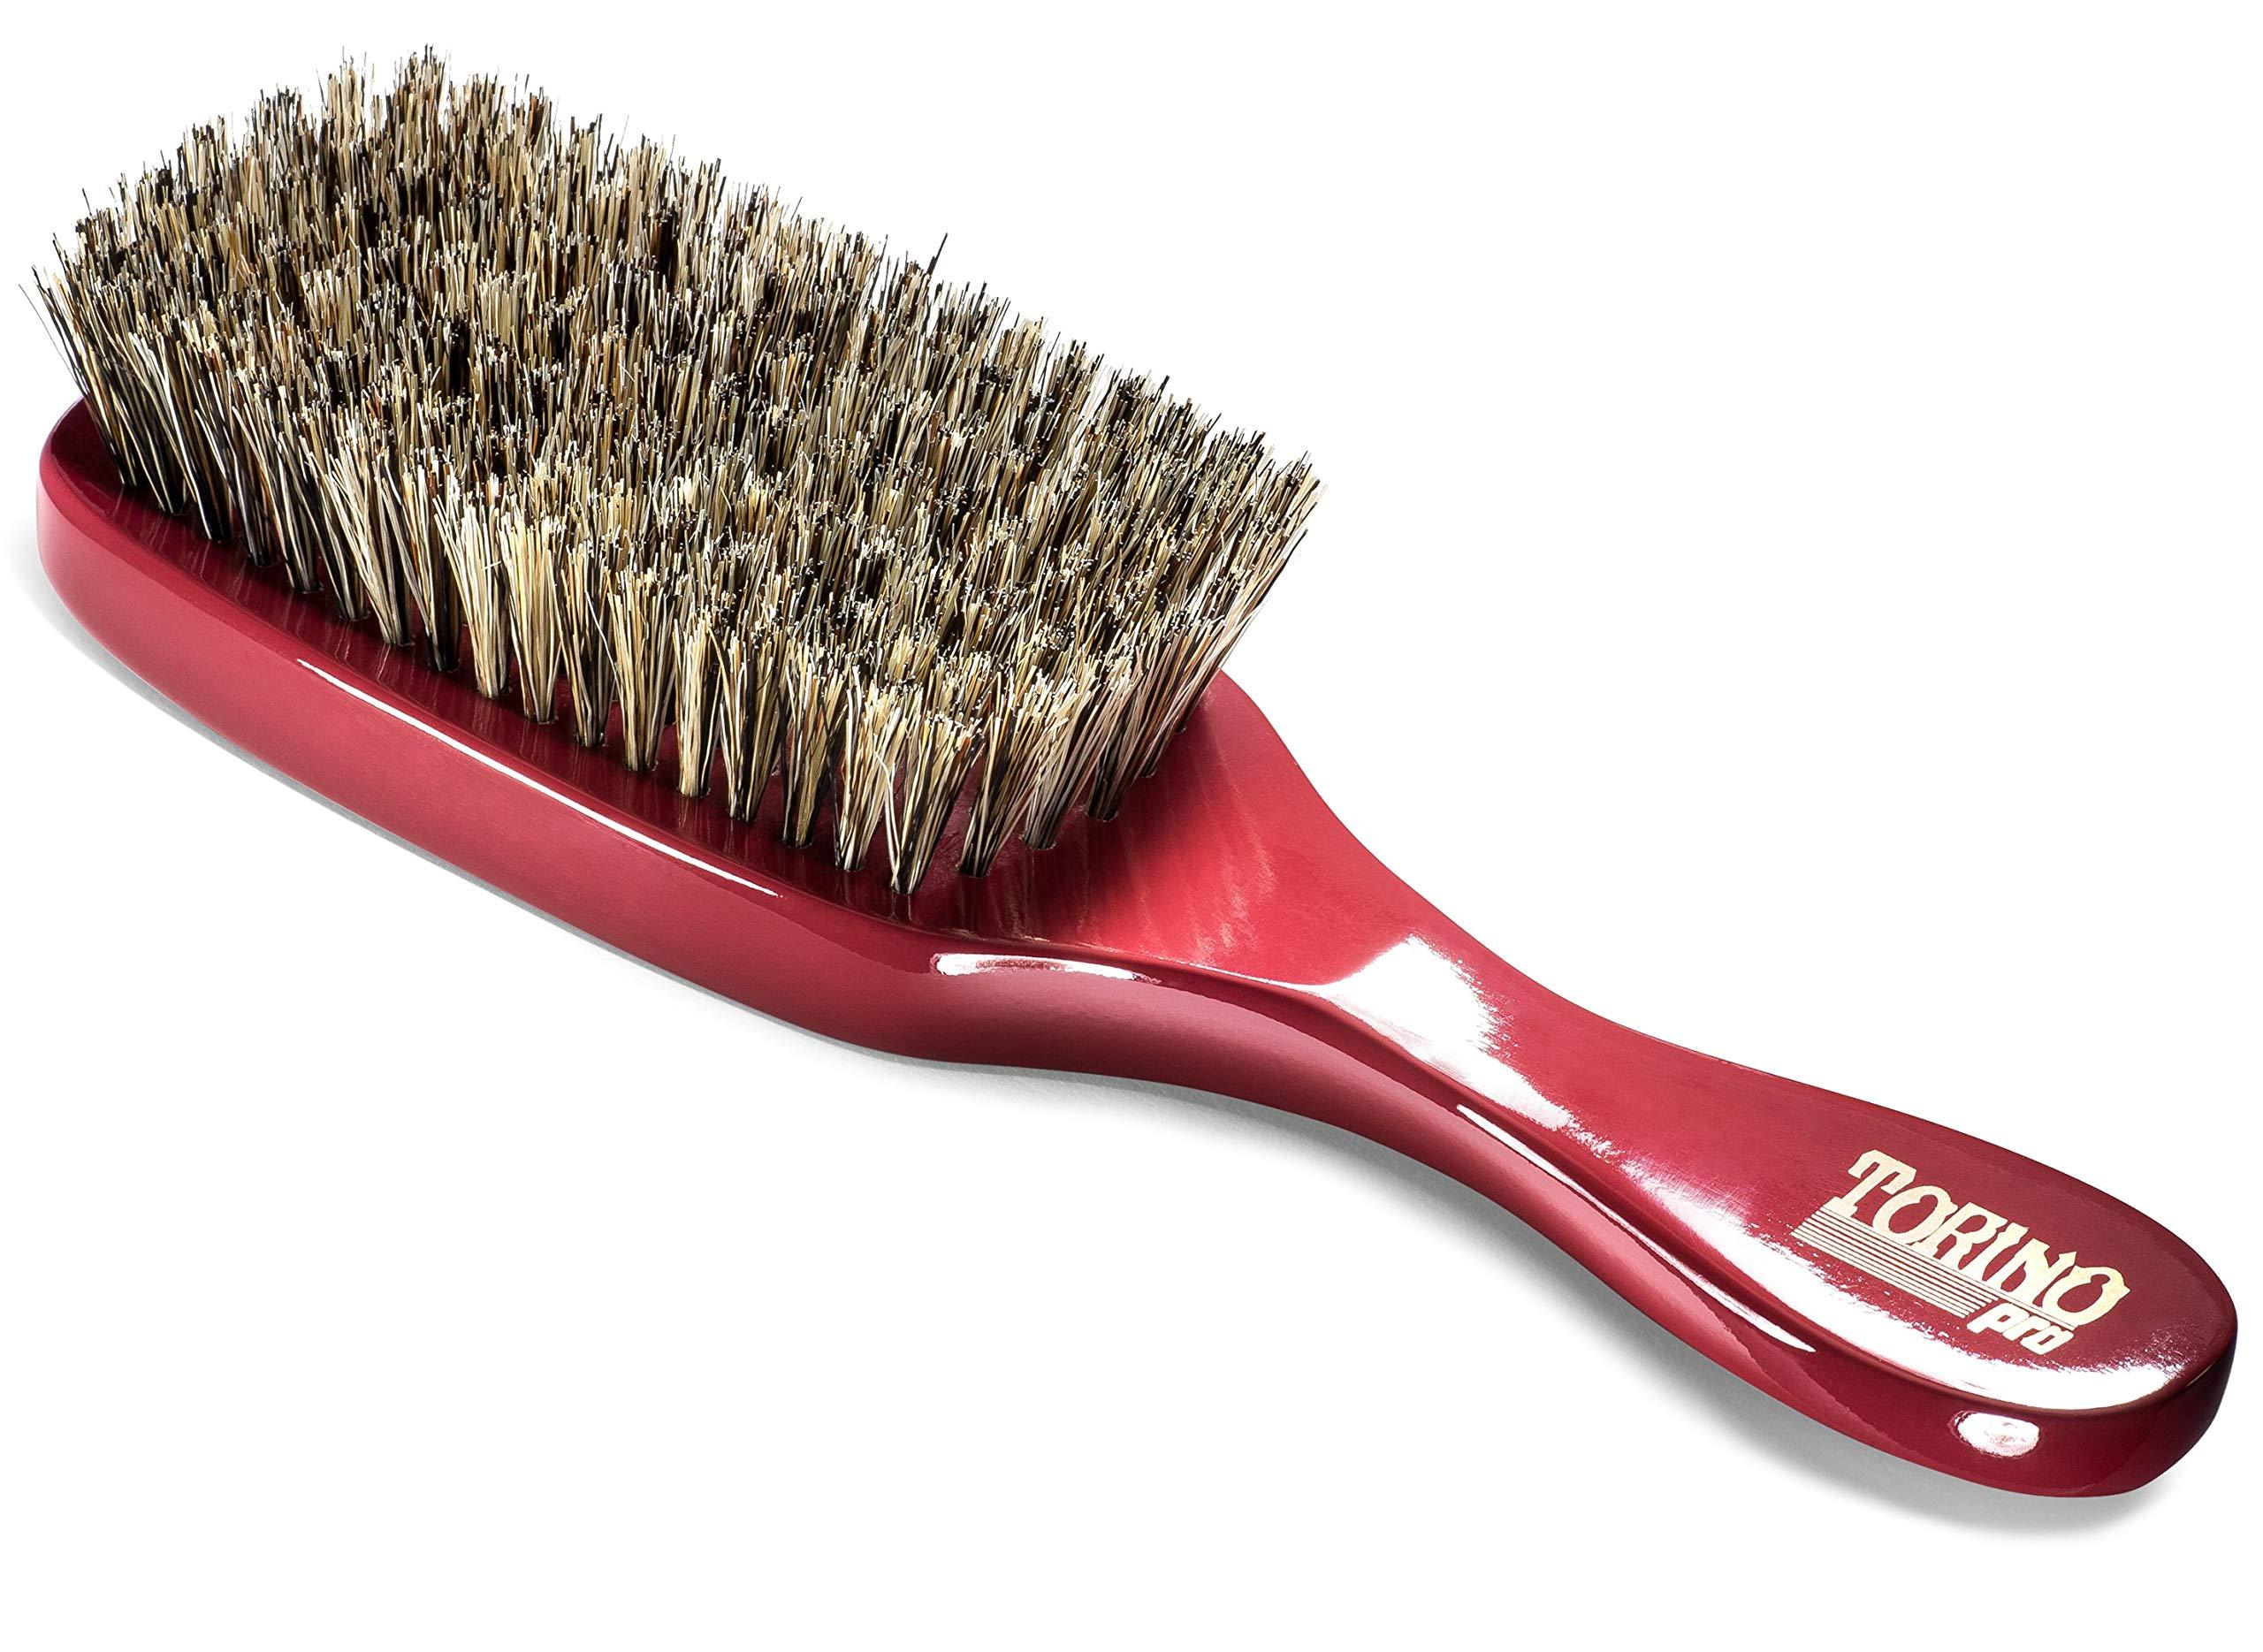 Amazon Com Torino Pro Wave Brush 1250 By Brush King Medium 7